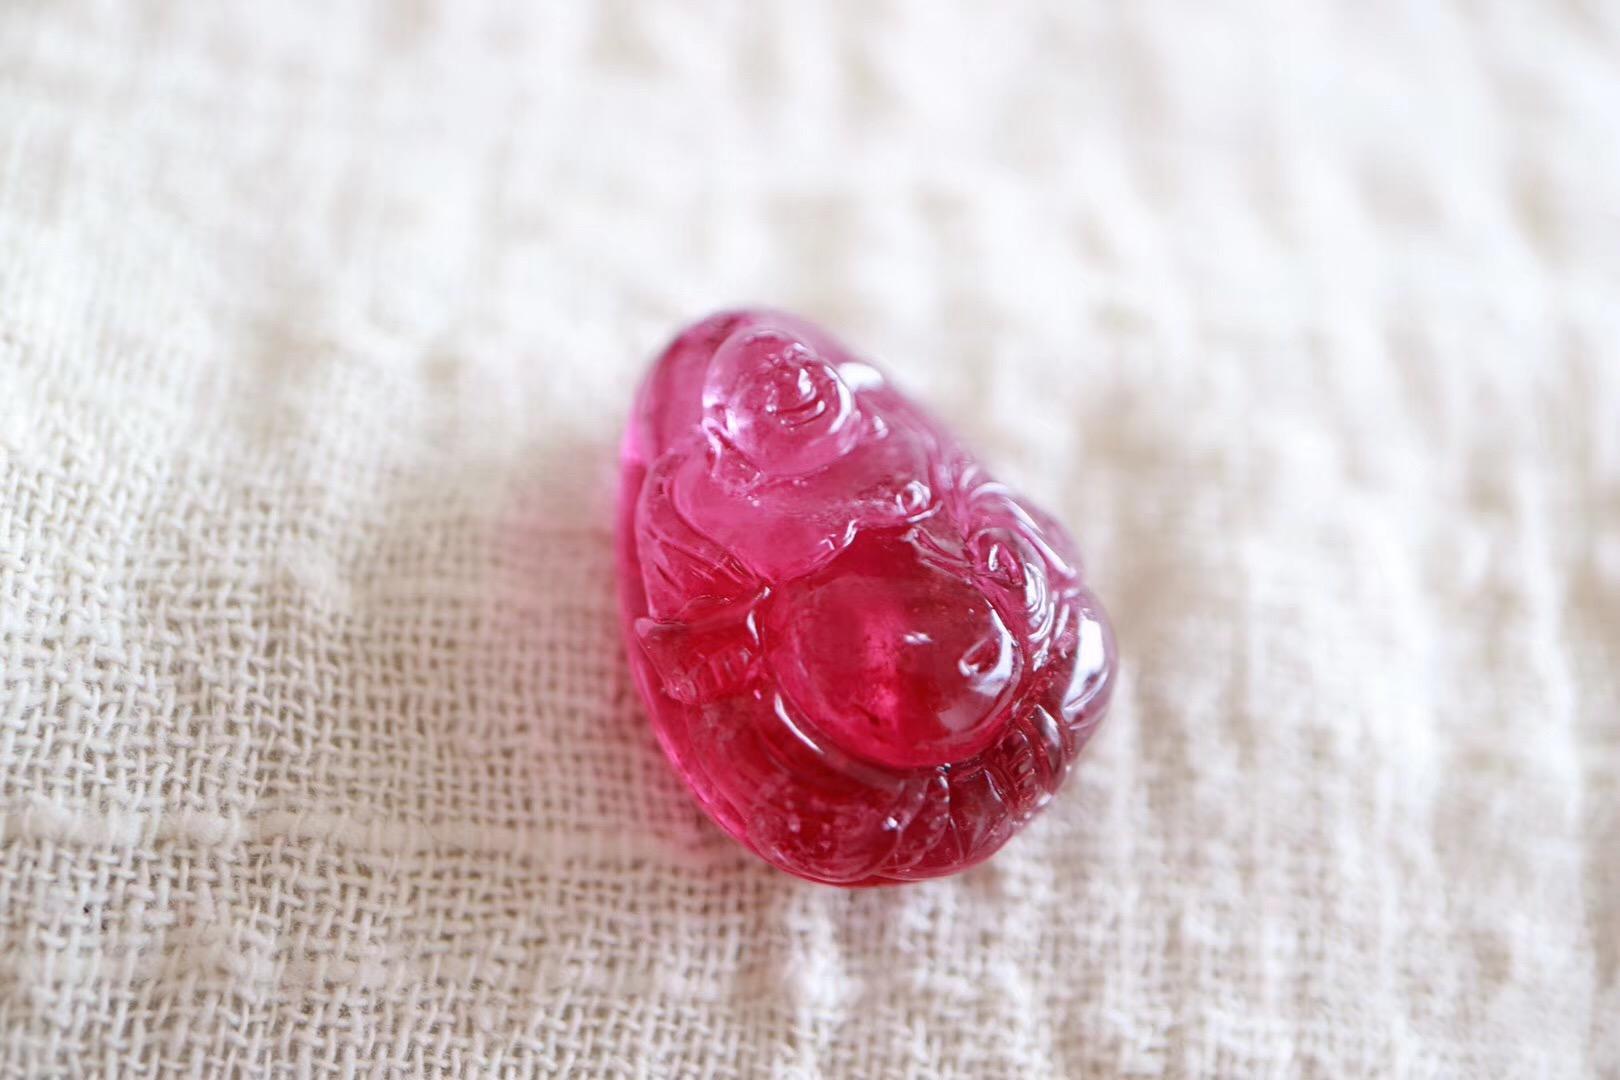 【菩心红碧玺】一枚喜庆的弥勒佛助你散发内心的自在喜悦-菩心晶舍